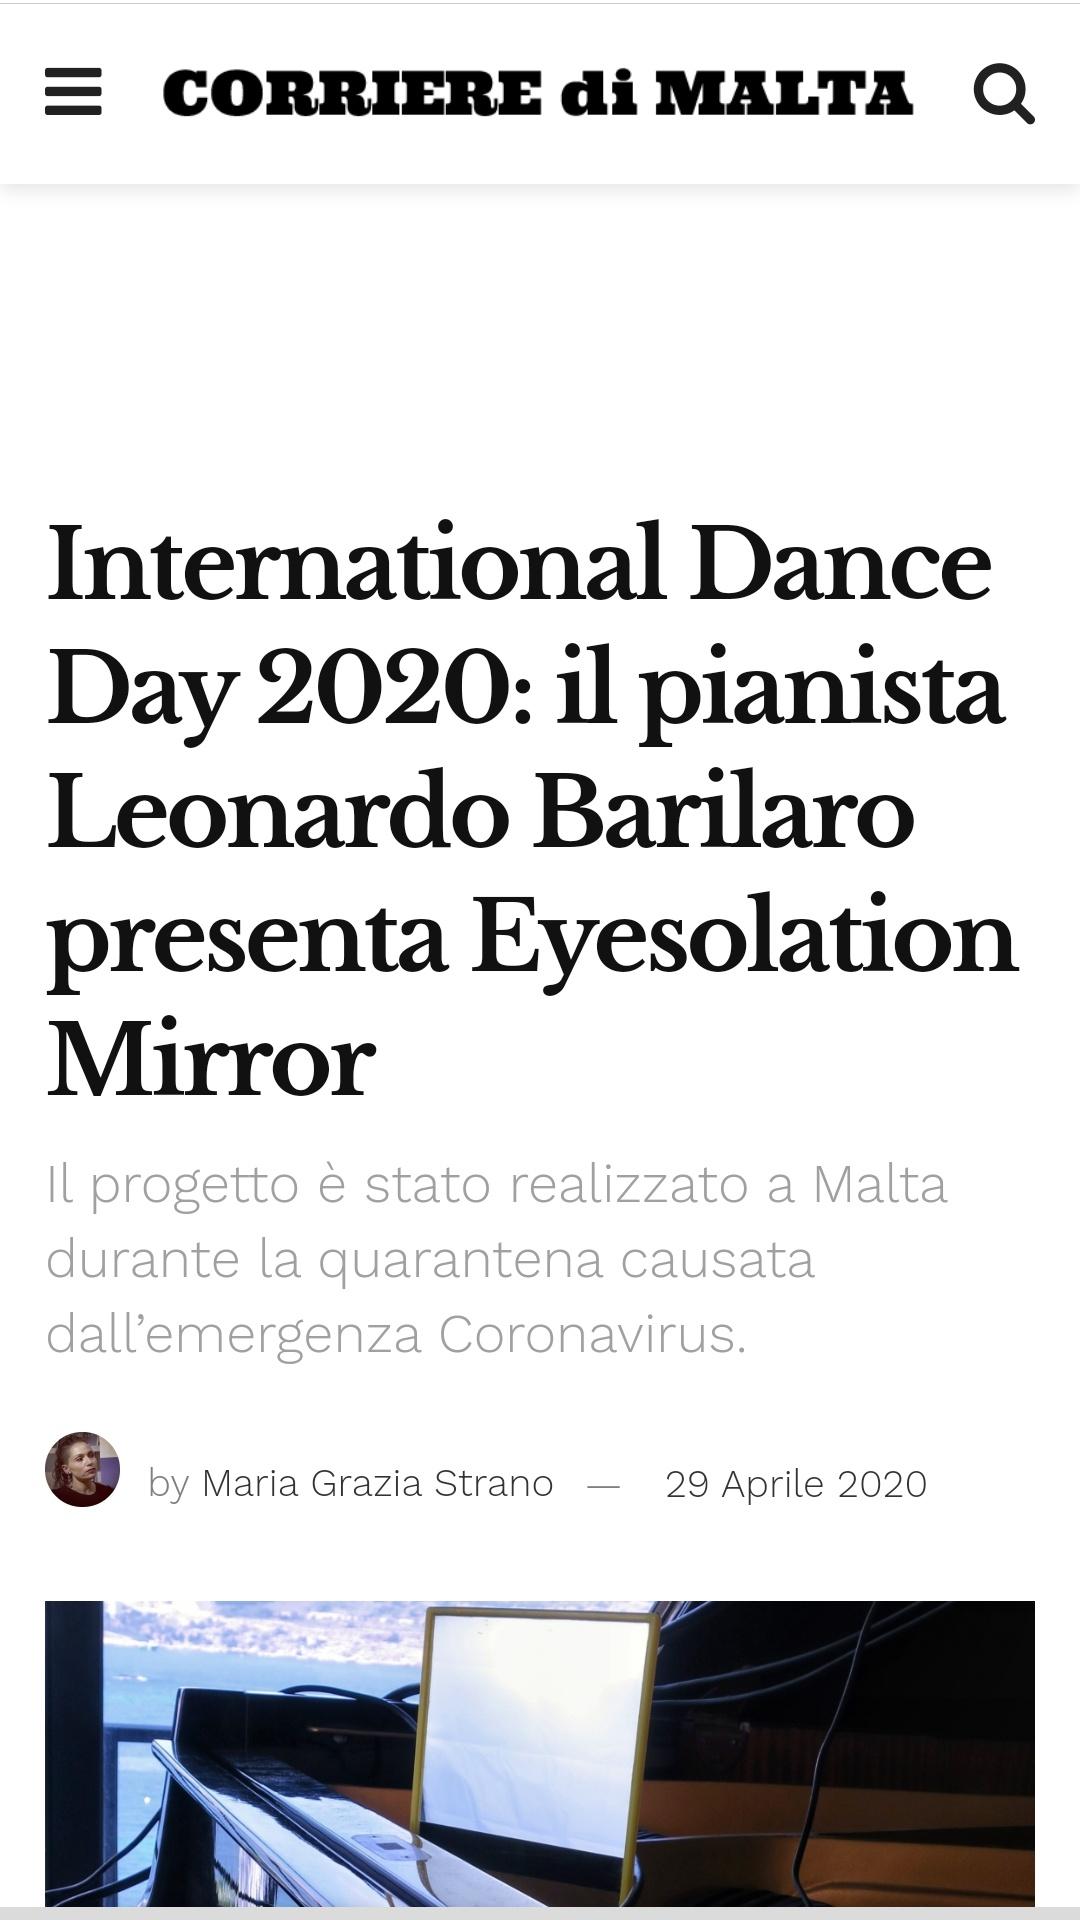 Eyesolation Mirrors on CORRIERE DI MALTA